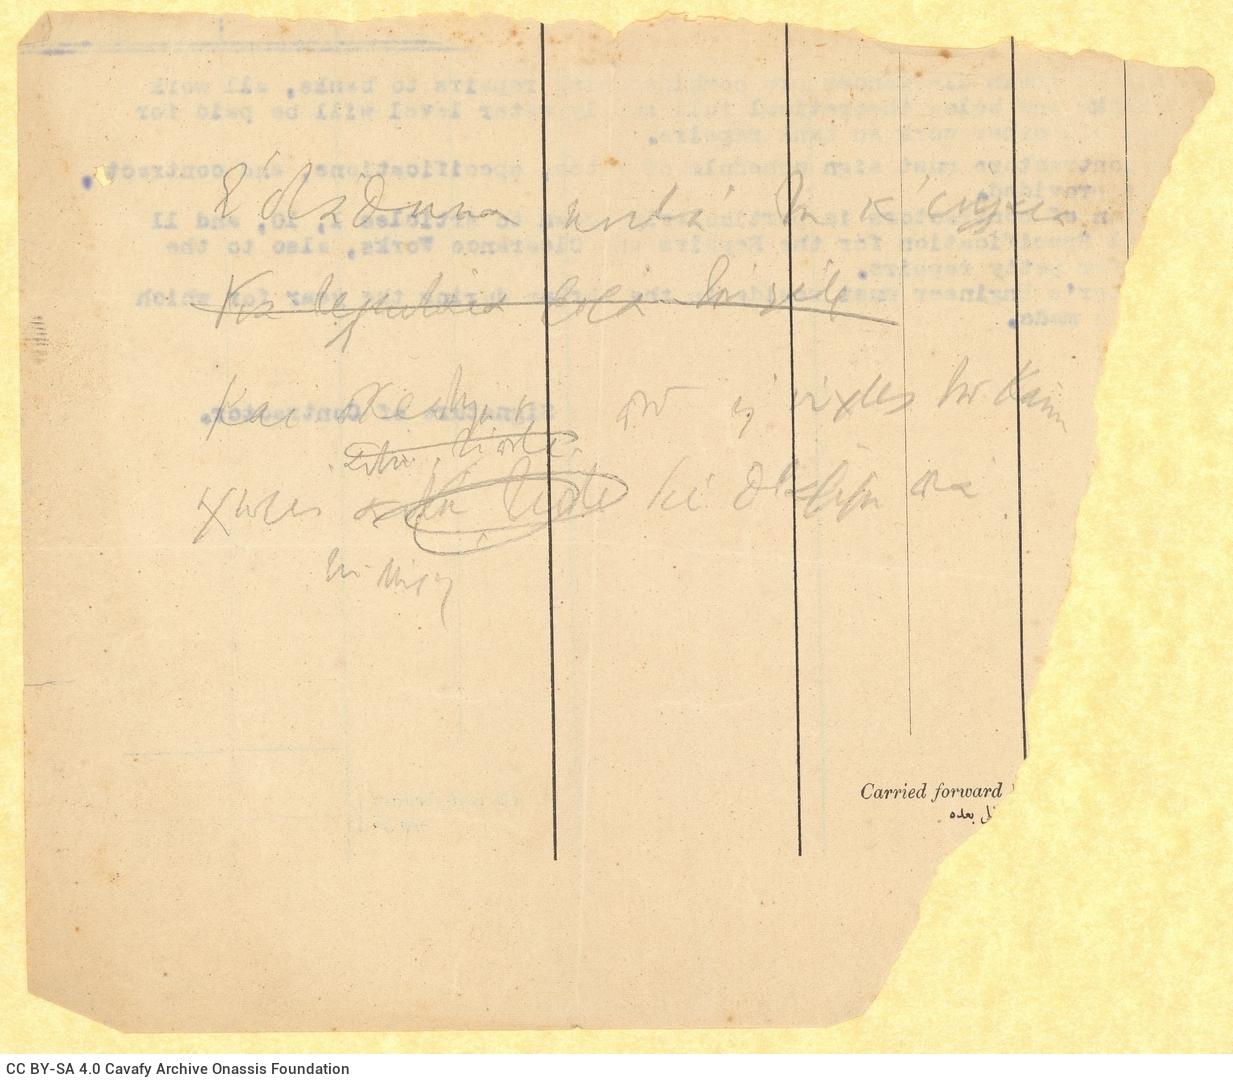 Χειρόγραφη σημείωση του Καβάφη στη μία όψη τμήματος έντυπου υπηρε�